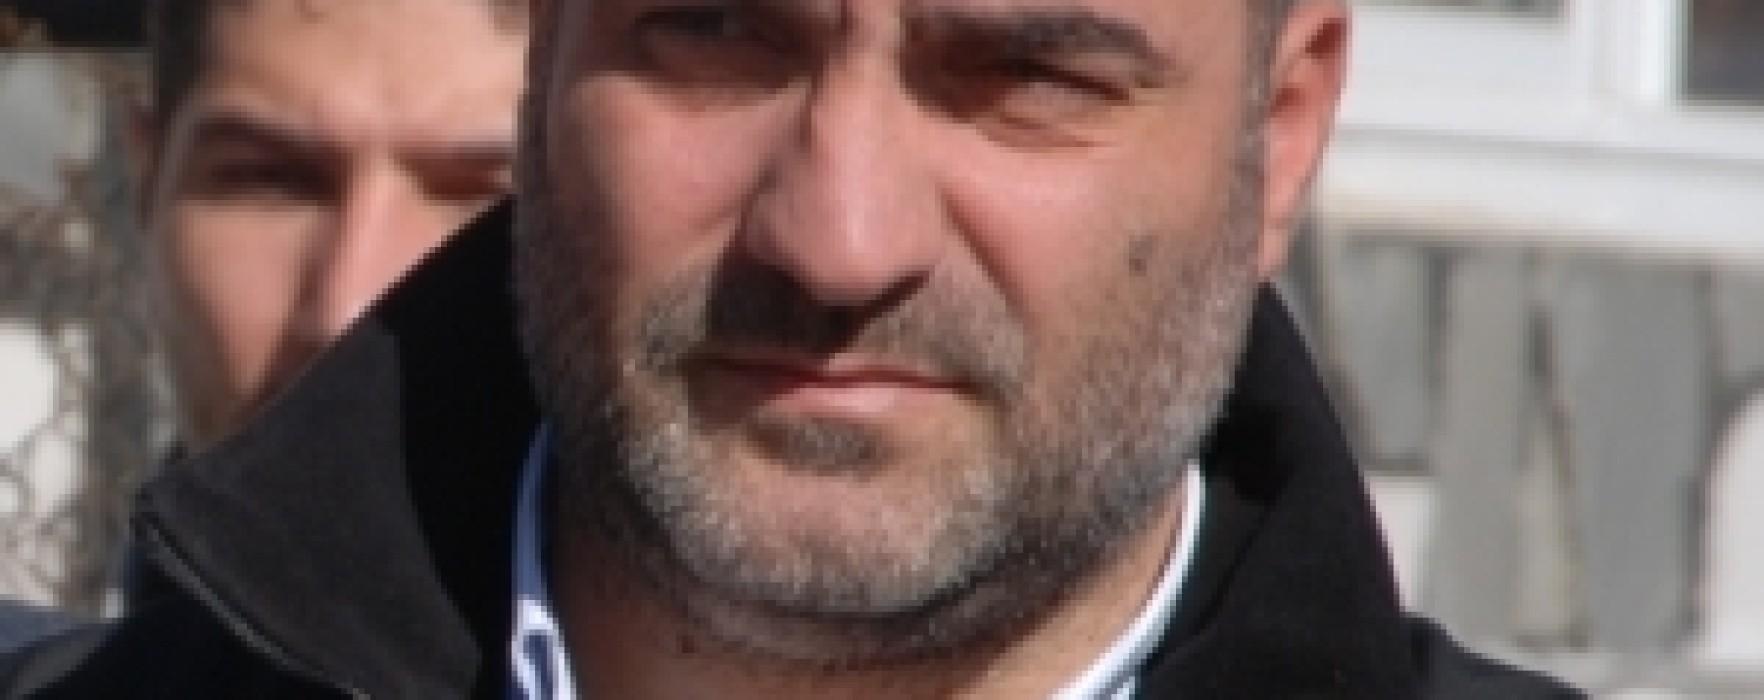 Mihai Volintiru (preşedinte PNL Dâmboviţa): Nu mă interesează subiectul legat de nemulţumirile din organizaţie (audio)